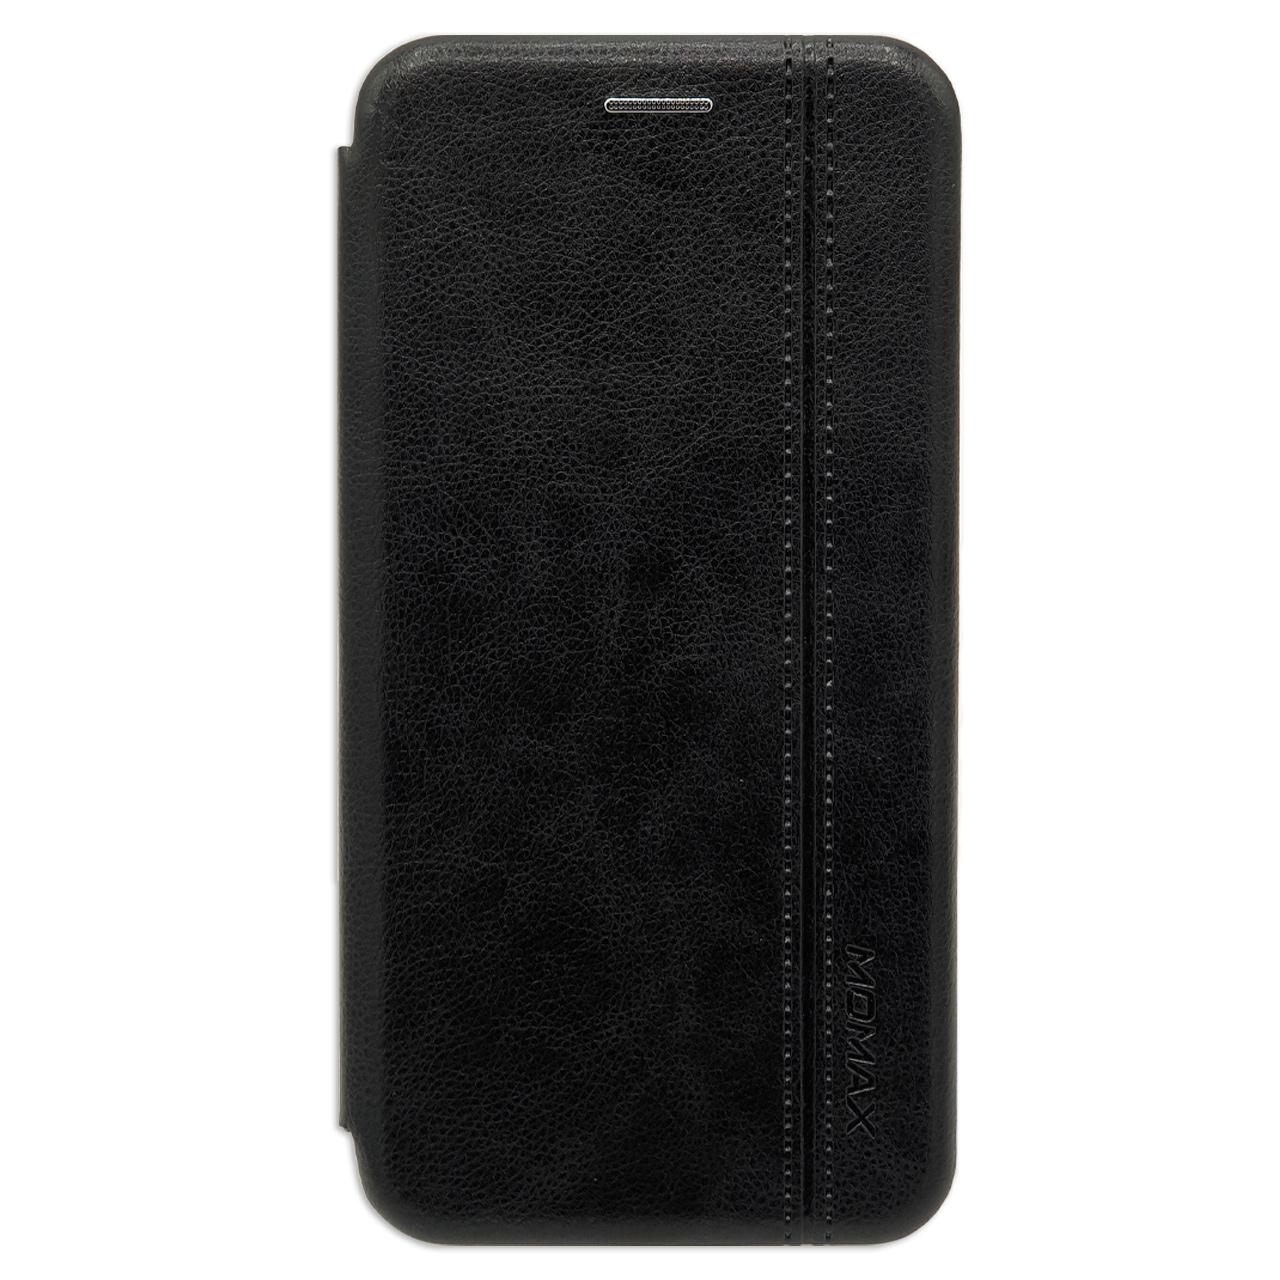 کیف کلاسوری مدل LT-C1 مناسب برای گوشی موبایل سامسونگ Galaxy J5 Prime              ( قیمت و خرید)